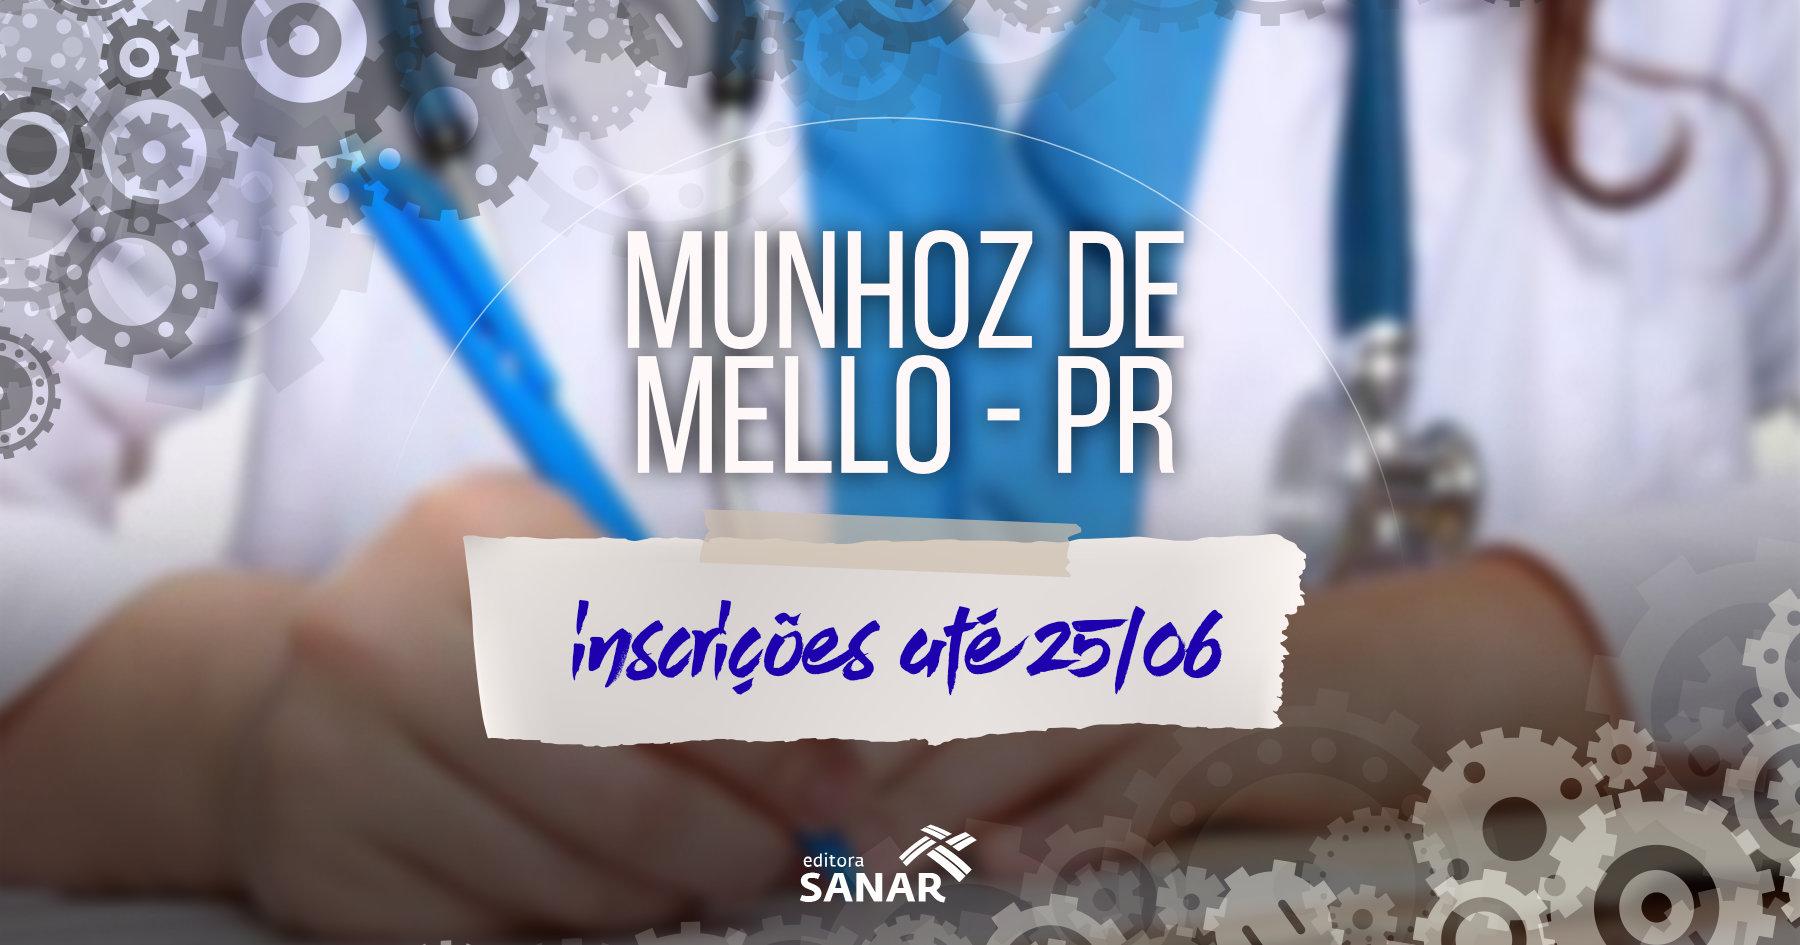 Concurso | Munhoz de Mello (PR) divulga edital